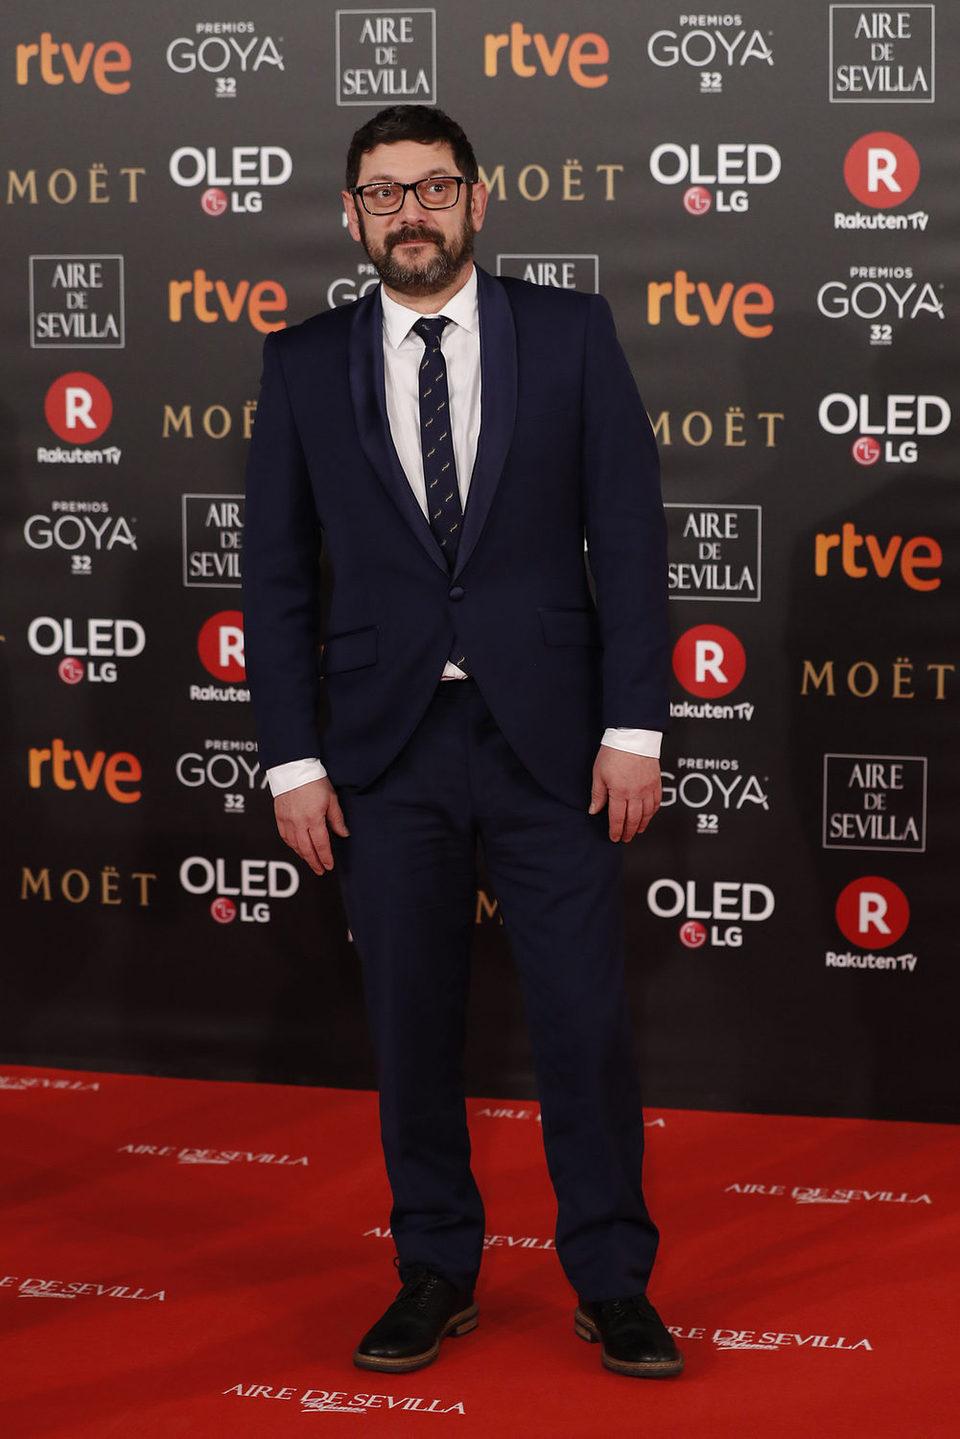 Manolo Solo en alfombra roja de los Goya 2018